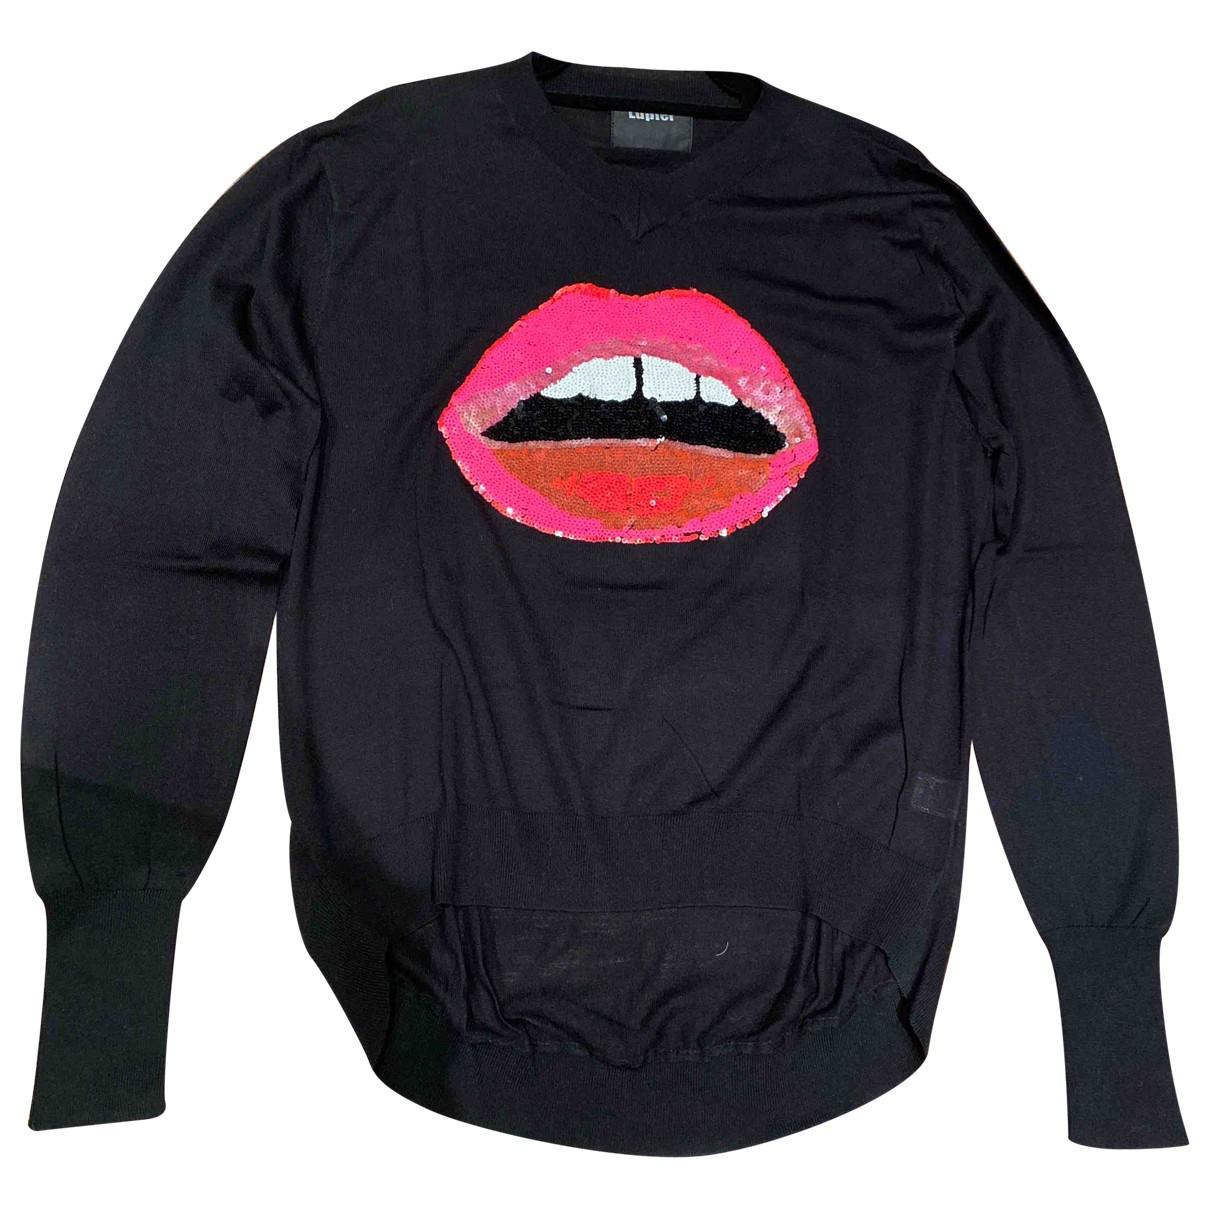 Markus Lupfer N Black Wool Knitwear for Women S International